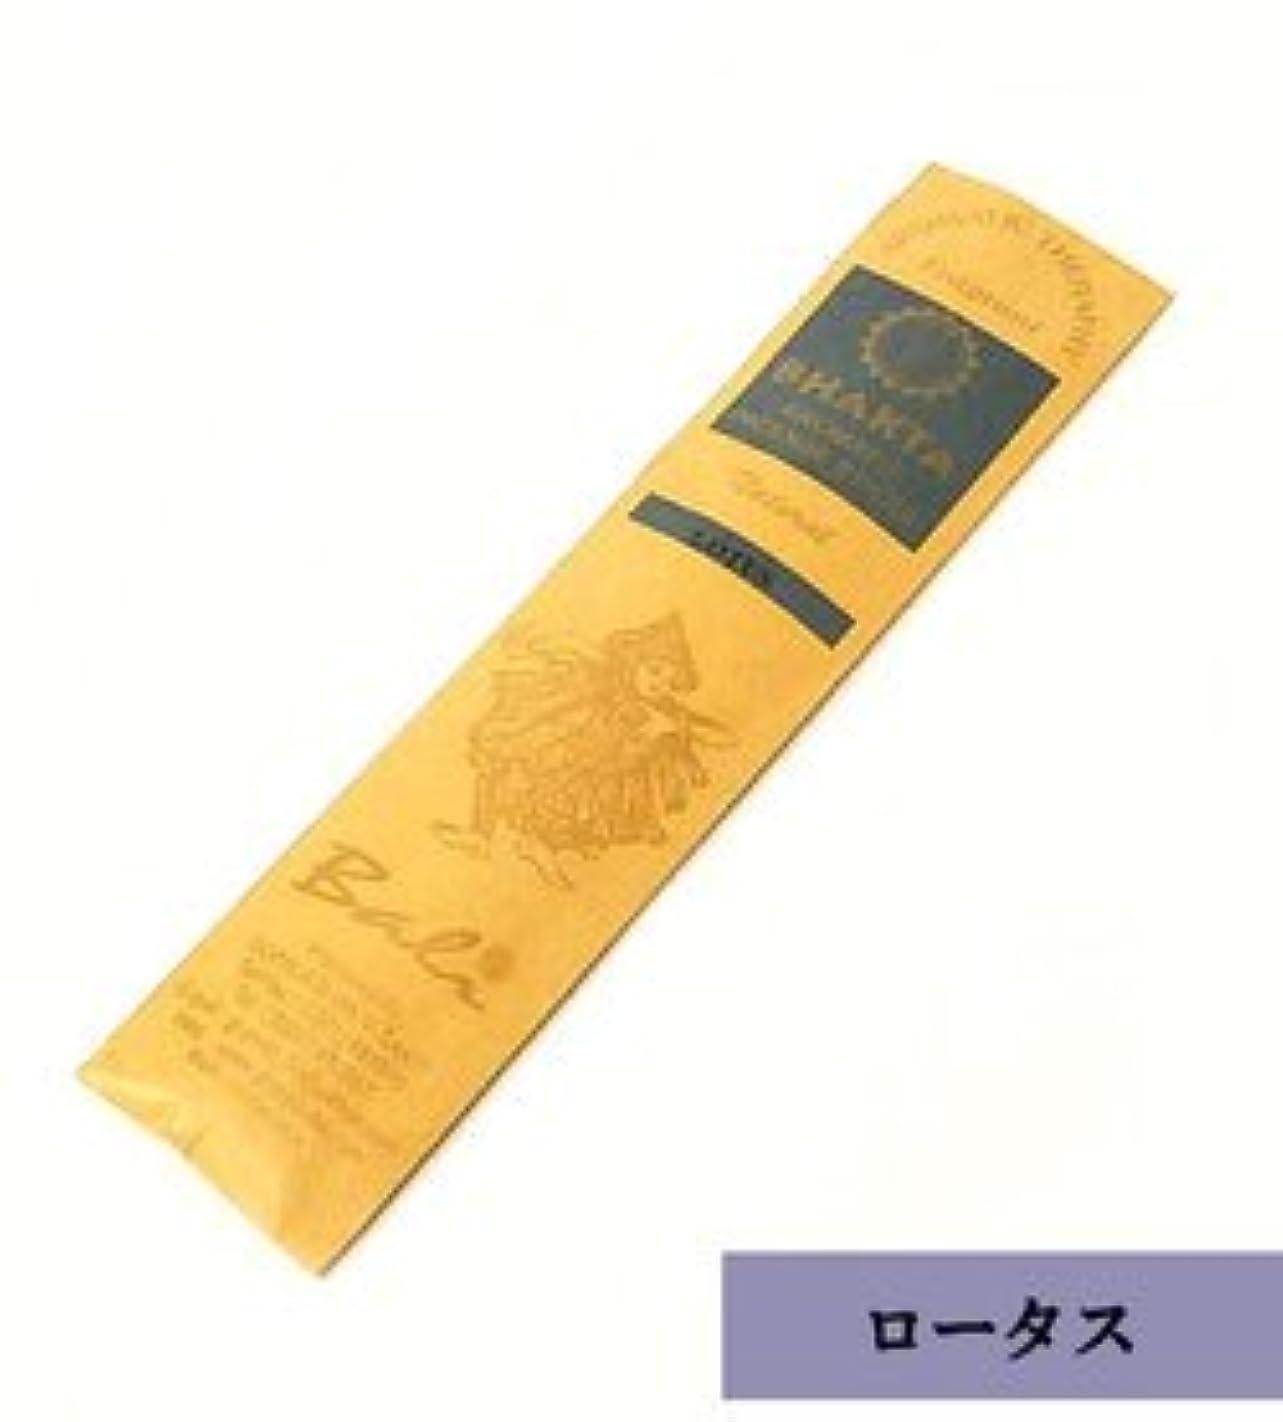 適切な熟達昼間バリのお香 BHAKTA 【ロータス】 LOTUS ロングスティック 20本入り アジアン雑貨